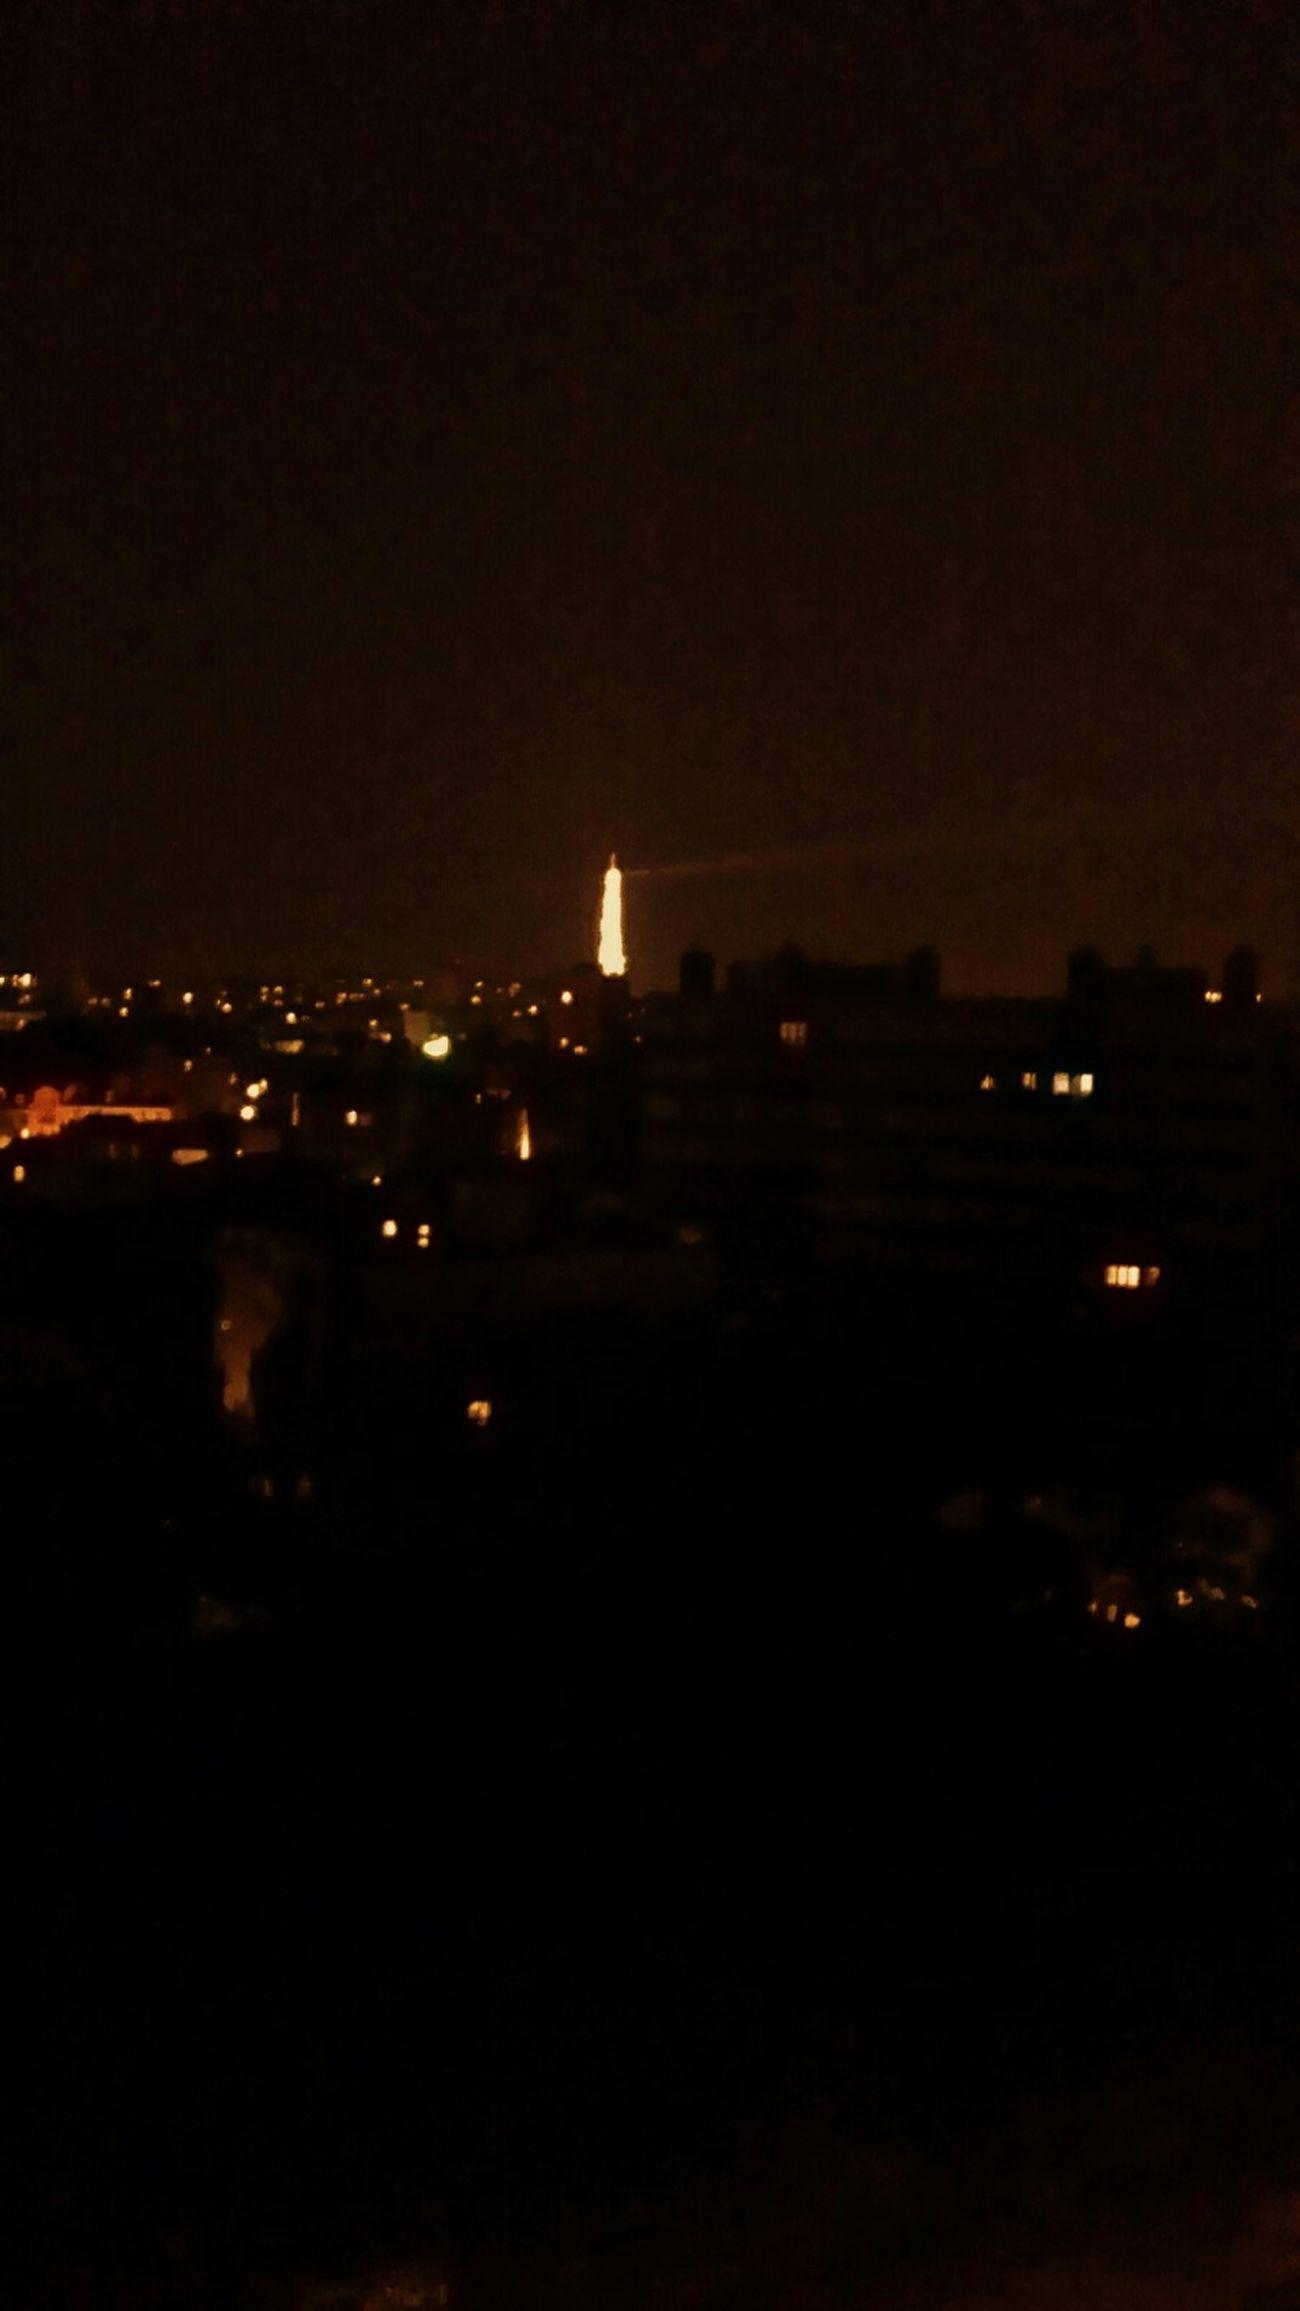 Relaxing la tour eiffel se la pete grave le soir